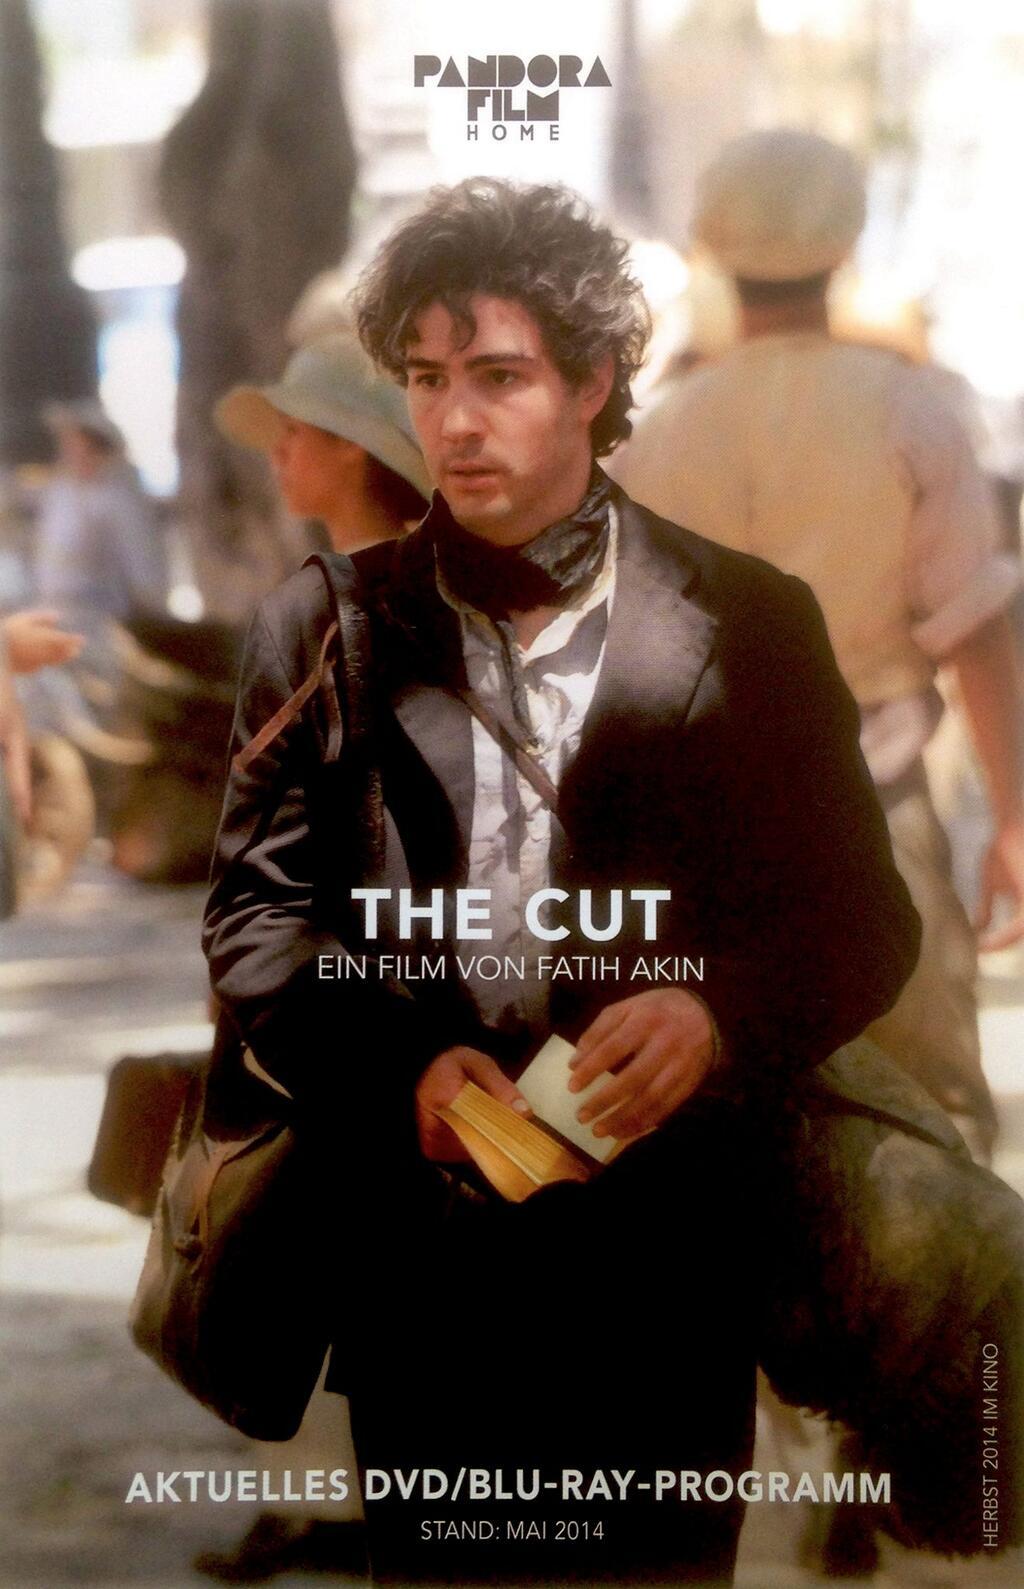 http://toutelaculture.com/wp-content/uploads/2014/08/the_cut_poster.jpg